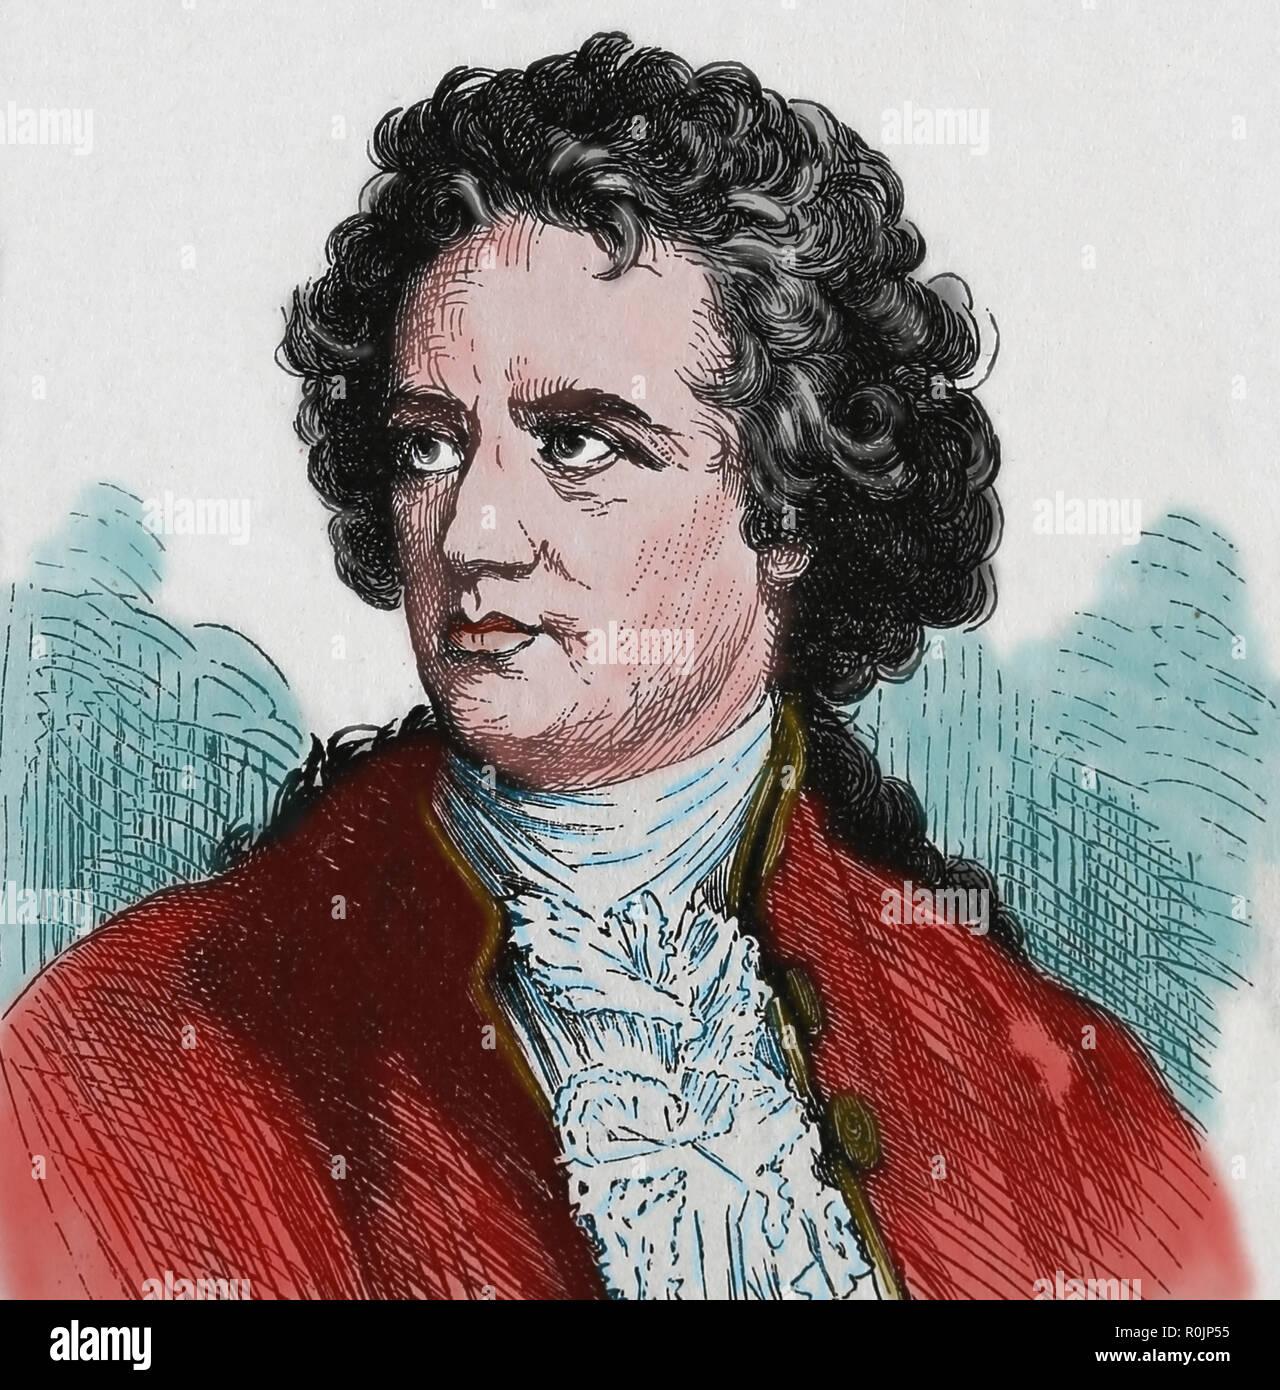 Johann Wolfgang von Goethe (1749-1832). Deutsche Schriftsteller. Gravur der Germania, 1882. Stockbild